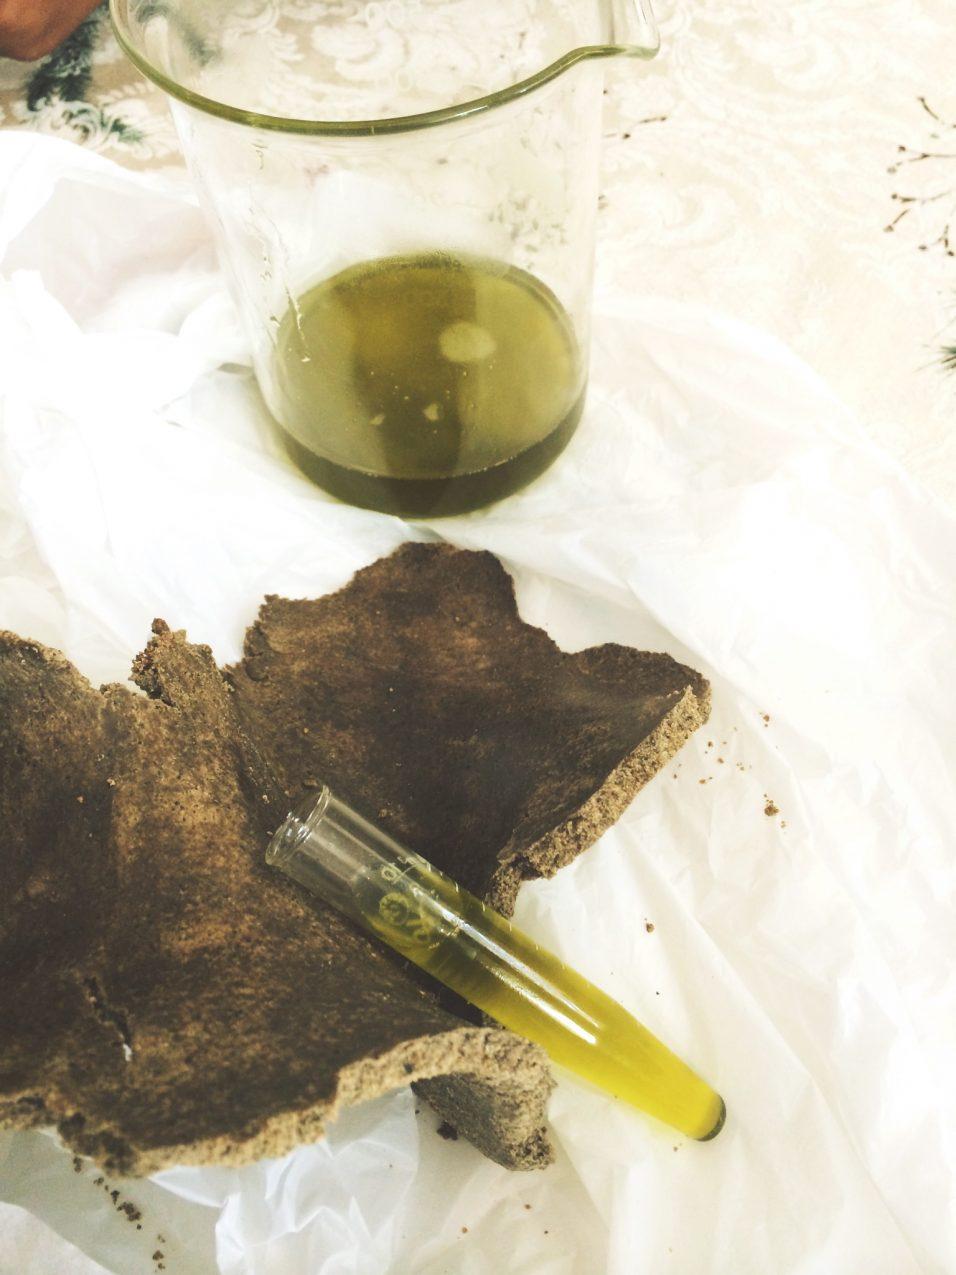 Bienfaits de l'huile de moringa